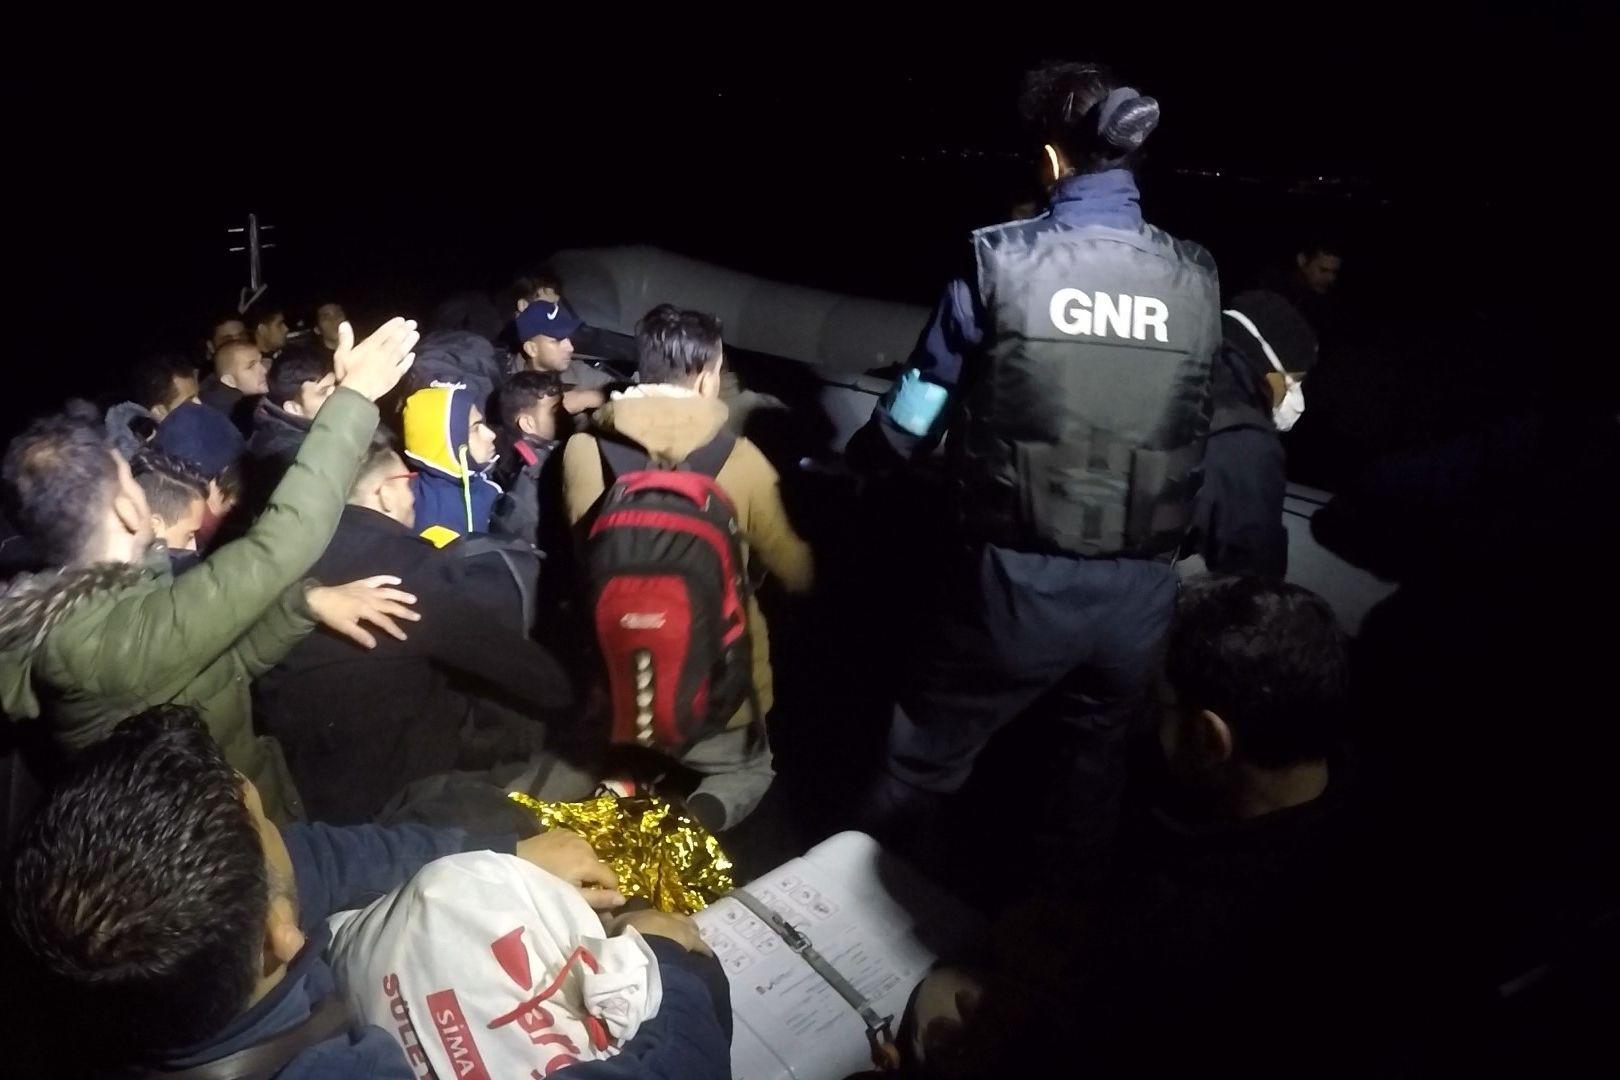 As imagens do momento em que a GNR resgatou 50 migrantes à deriva